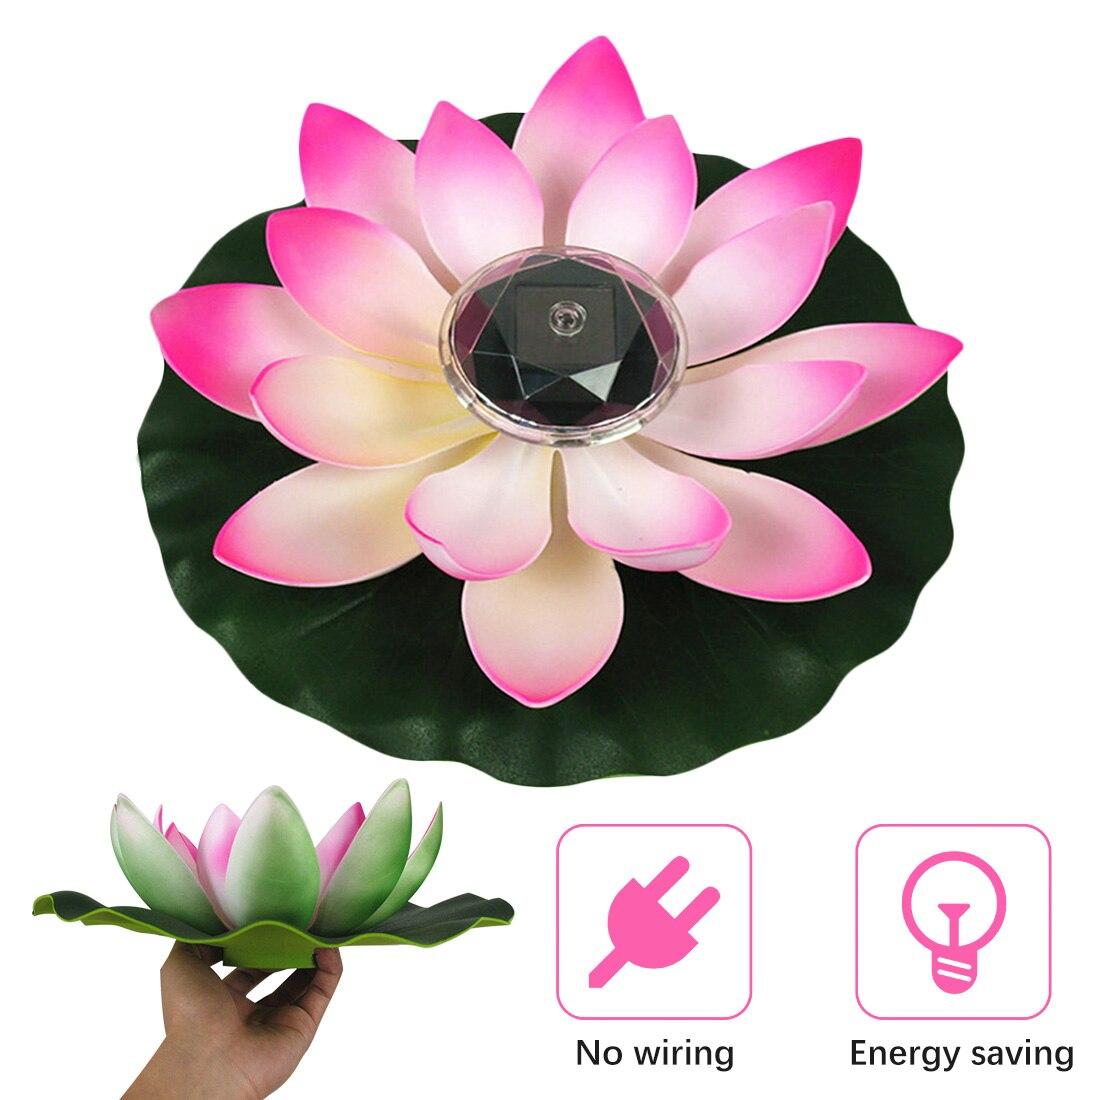 flor de lotus forma lagoa lanterna luz 04